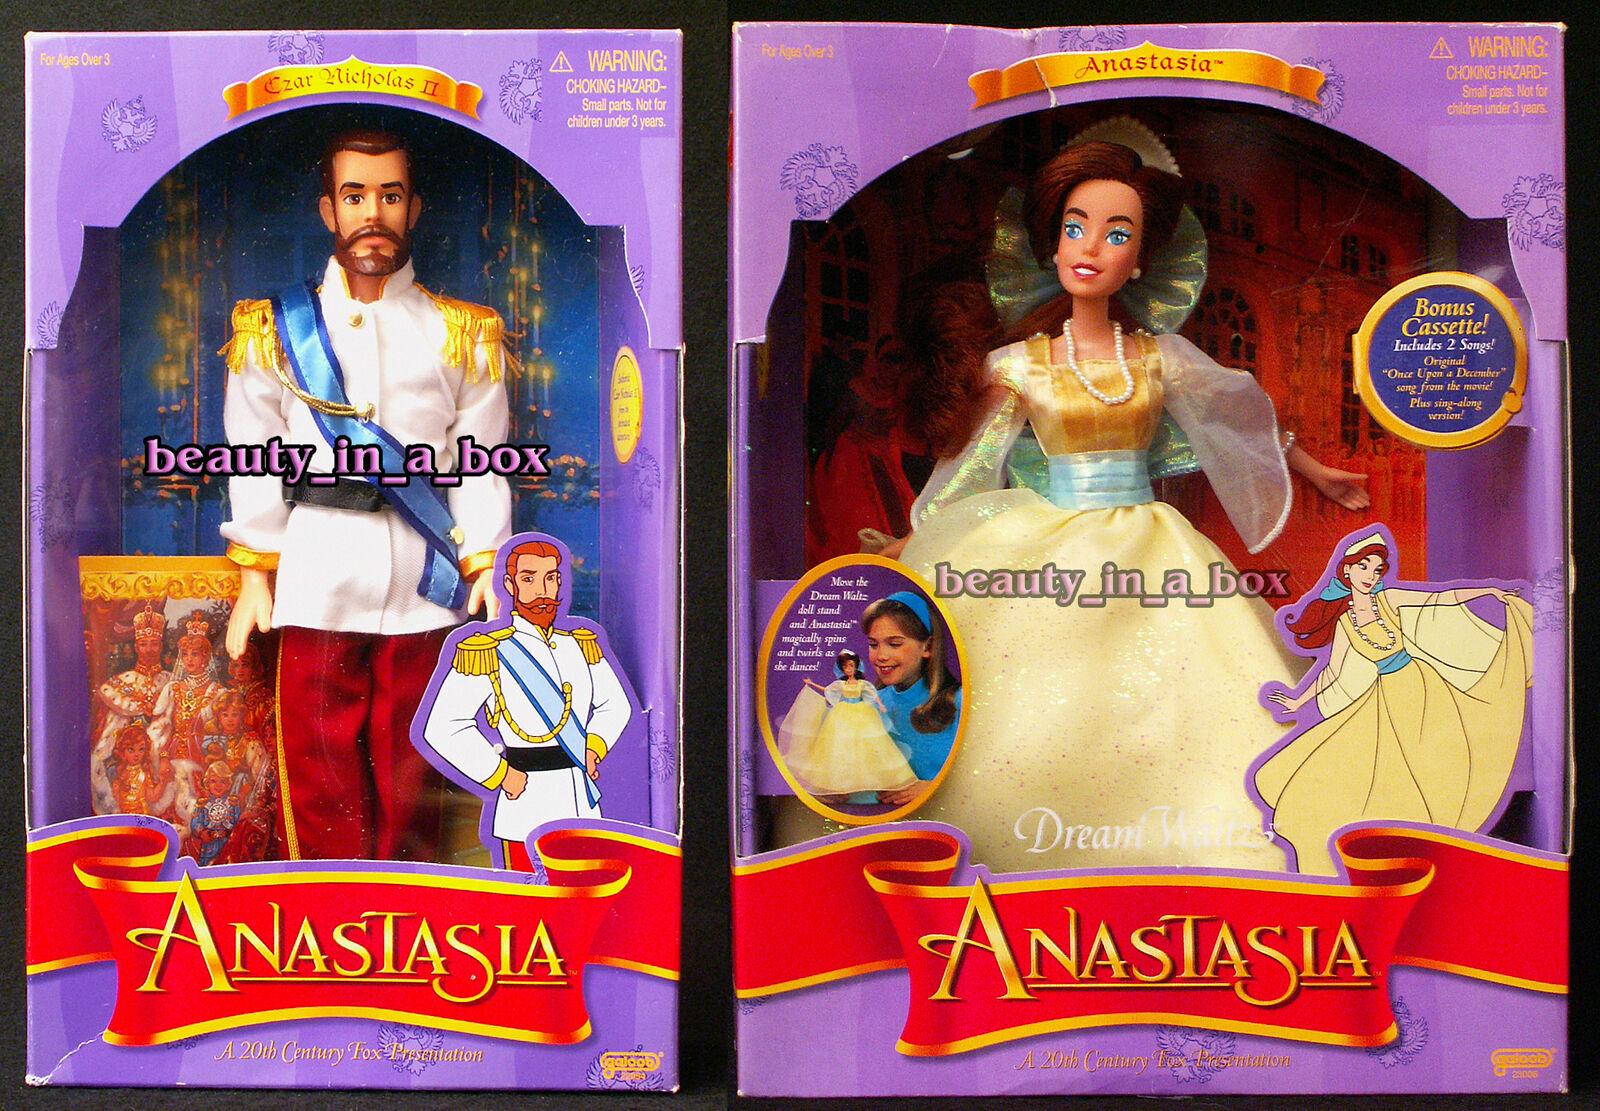 Anastasia muñeca Dream Waltz Baile Vestido zar Nicolás II Muñeca Galoob nunca quitado de la Caja  Lote 2